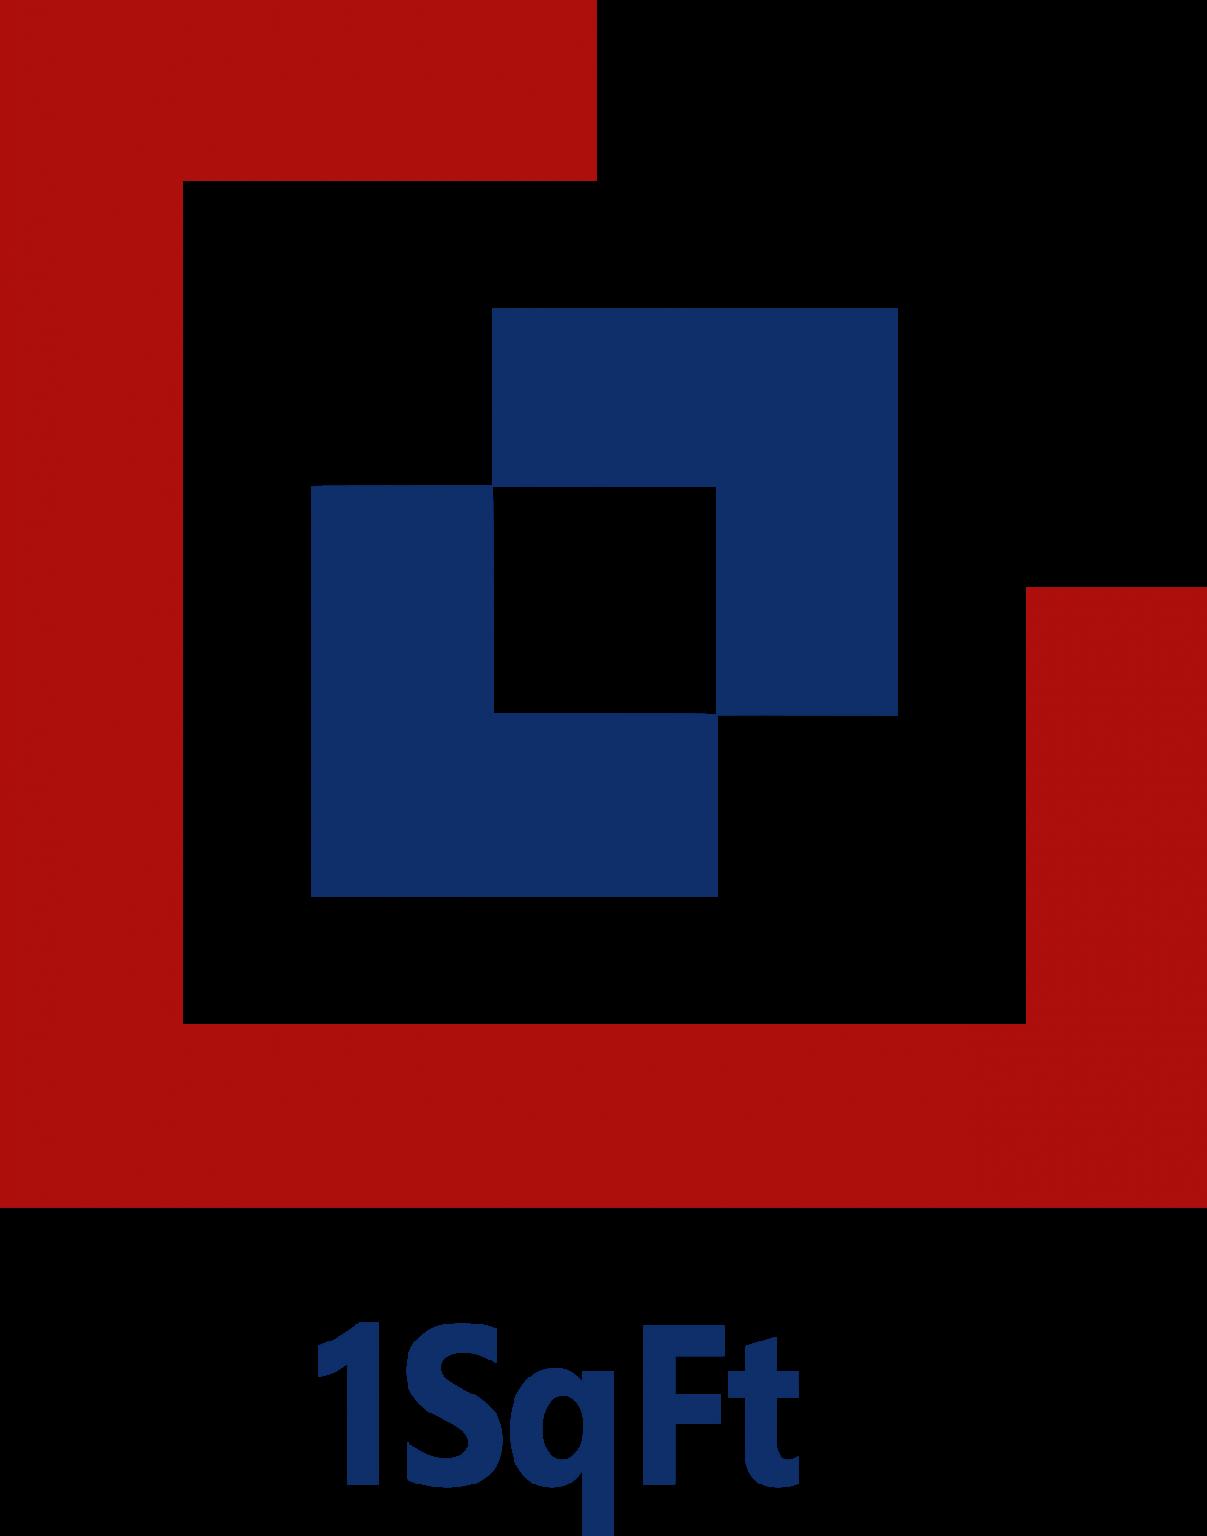 1-Sqft-Logo-png-1207x1536.png